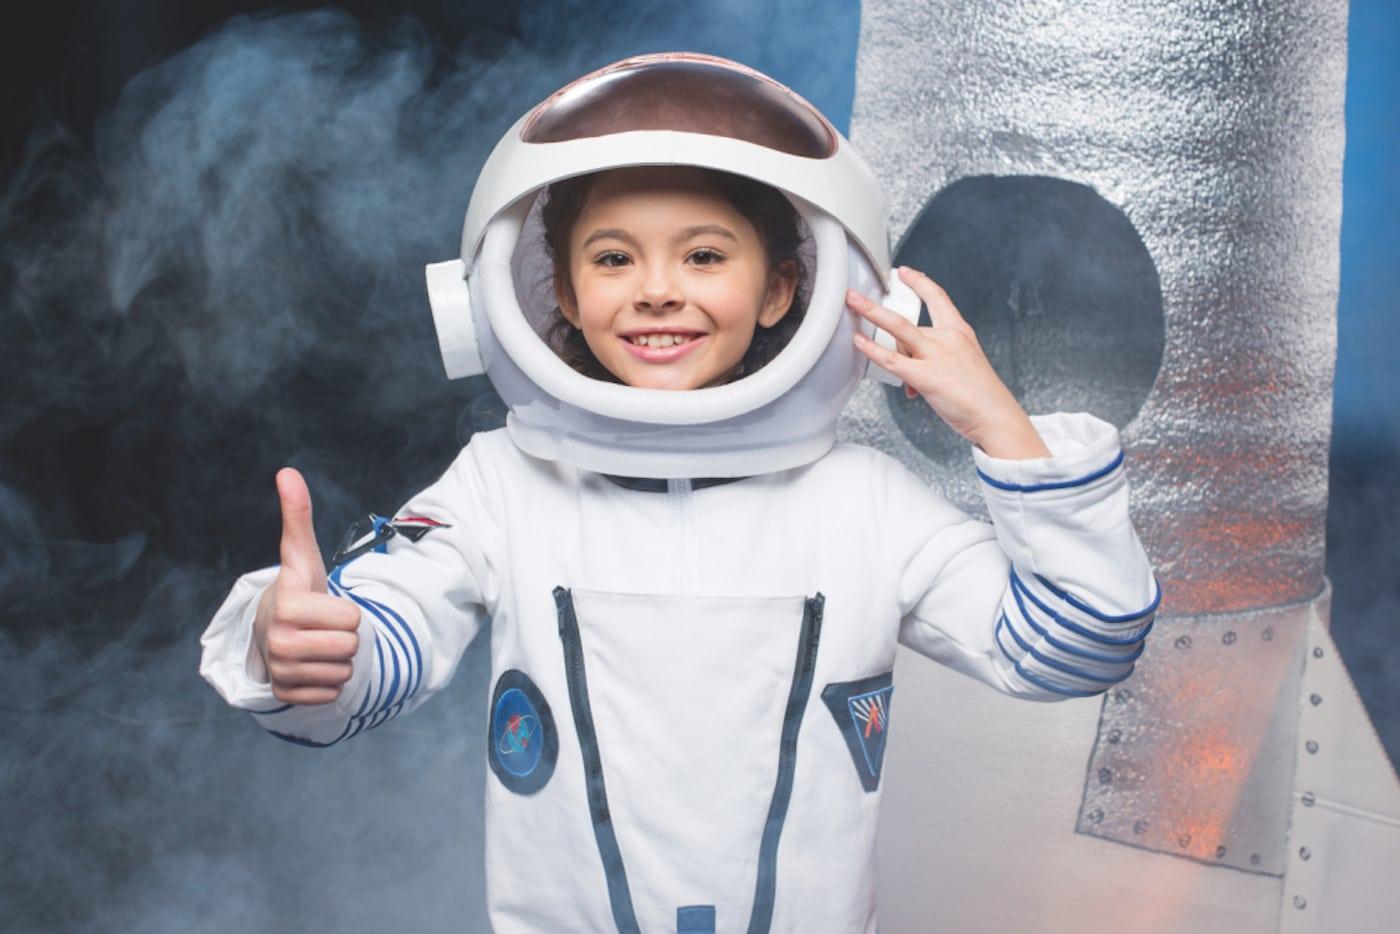 Raumfahrt-Wochenende im FEZ-Berlin für Familien mit Kindern in Berlin // HIMBEER